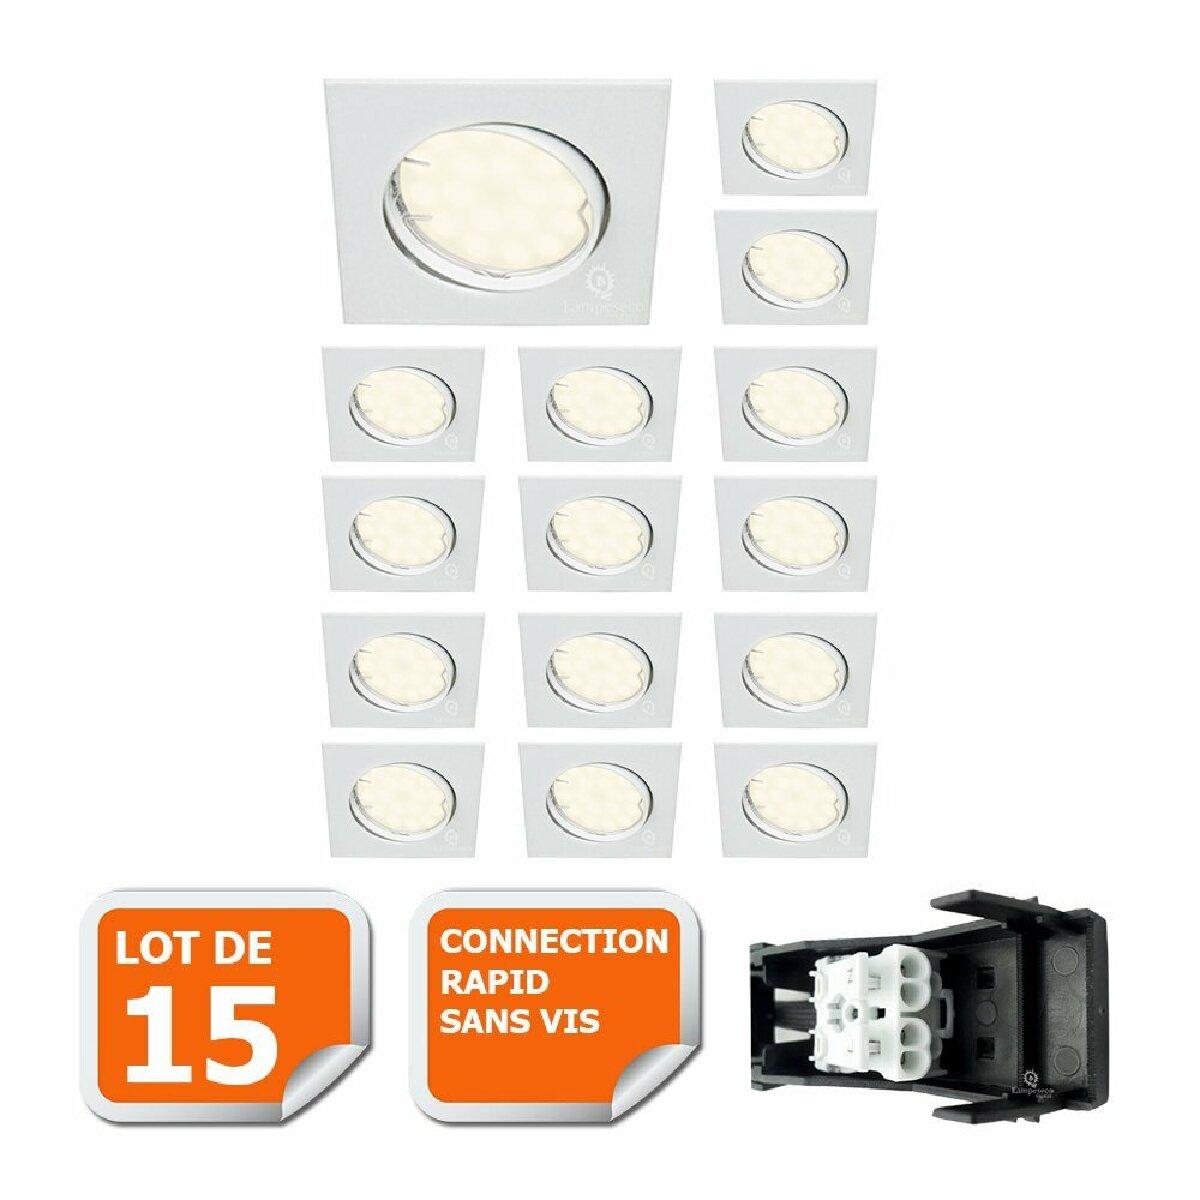 Lampesecoenergie LOT DE 15 SPOT ENCASTRABLE ORIENTABLE LED CARRE GU10 230V eq. 50W BLANC NEUTRE